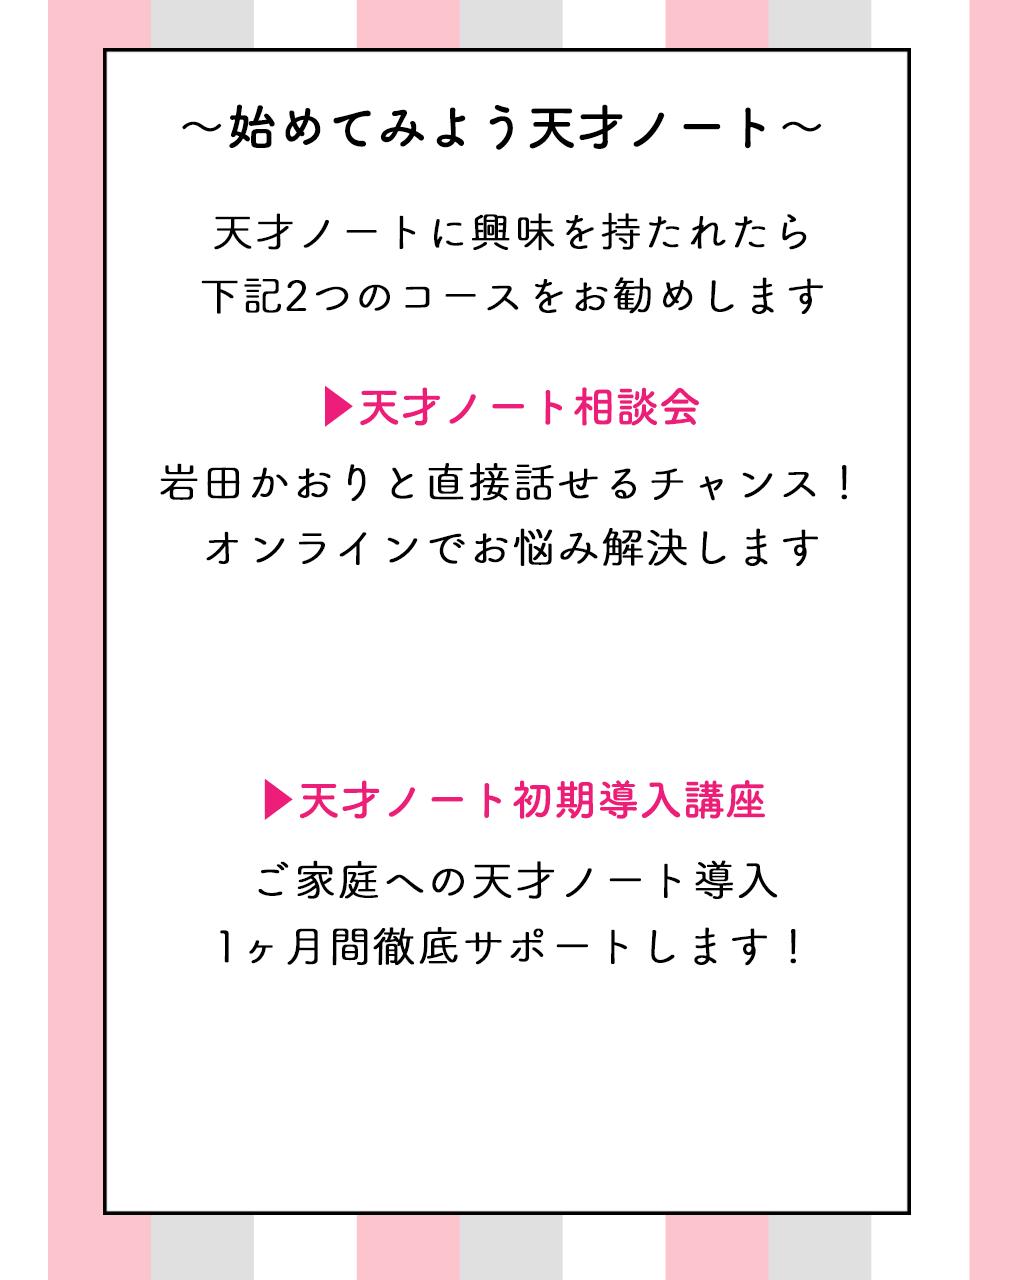 ご入会に関して 参加費:¥3,240/月 対象:園児・小学生の保護者